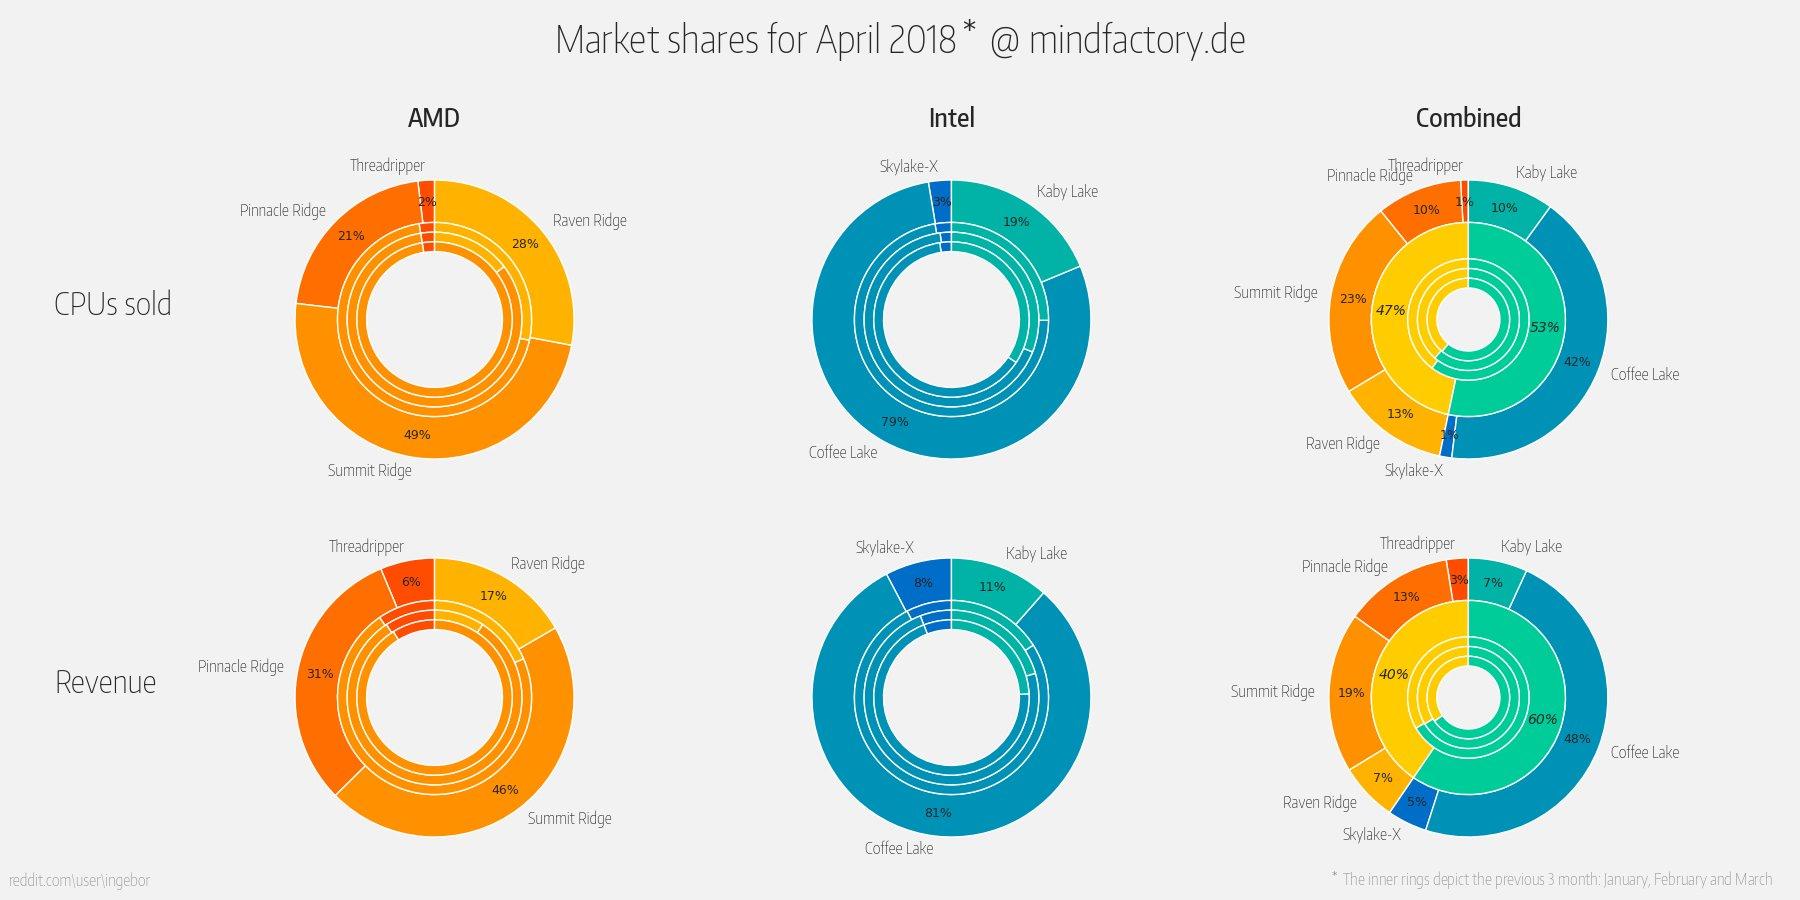 Verkaufs- und Umsatzanteil (die inneren Ringe zeigen die vorherigen 3 Monaten)